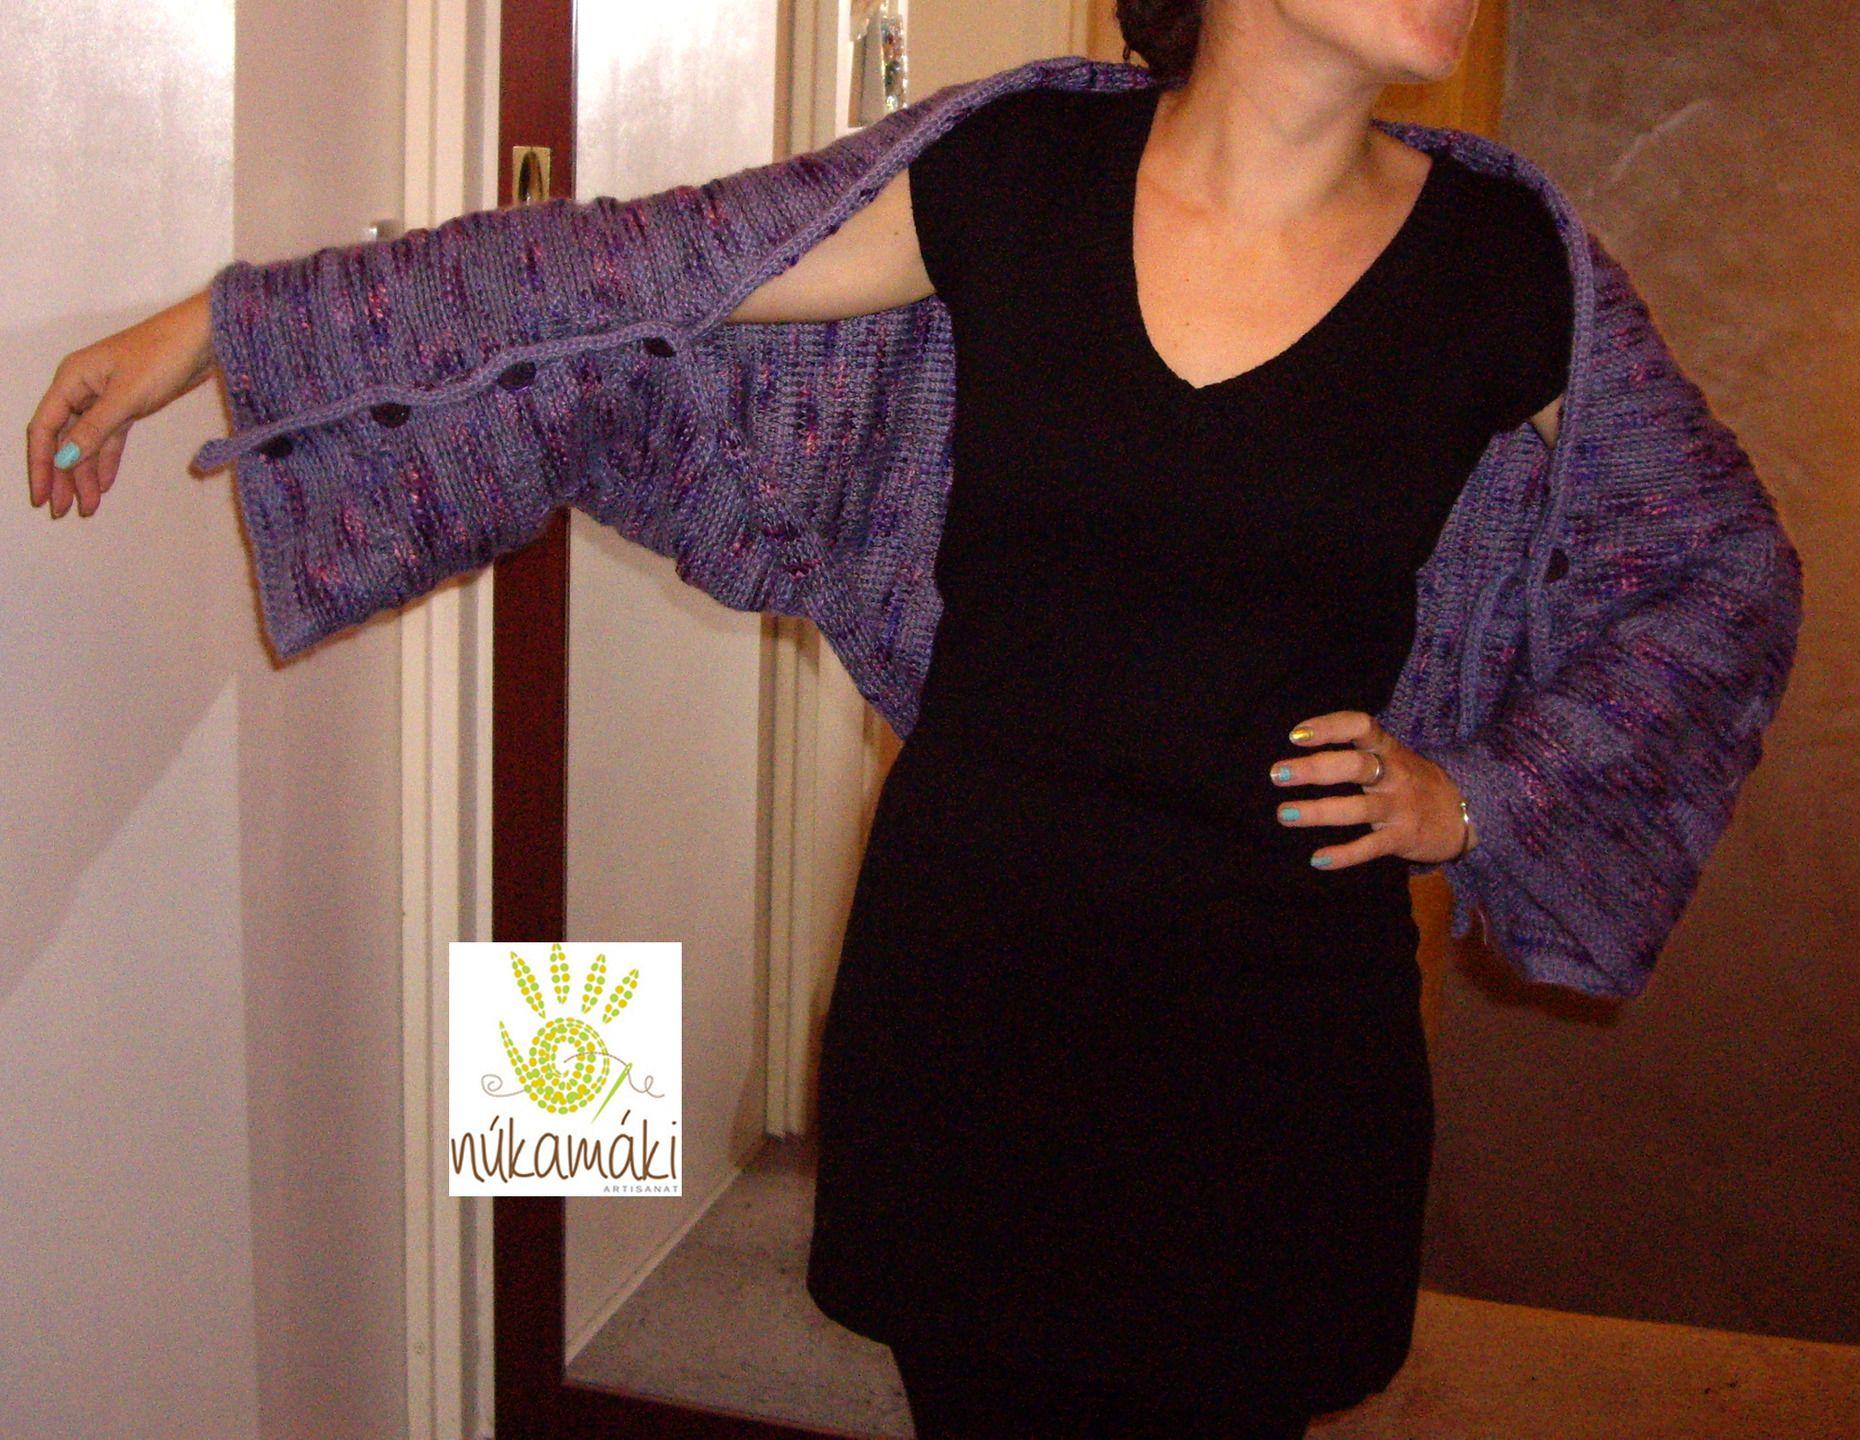 Étole, châle Magique, Transformable taille S M   Echarpe, foulard, cravate  par nukamaki 694682bf117